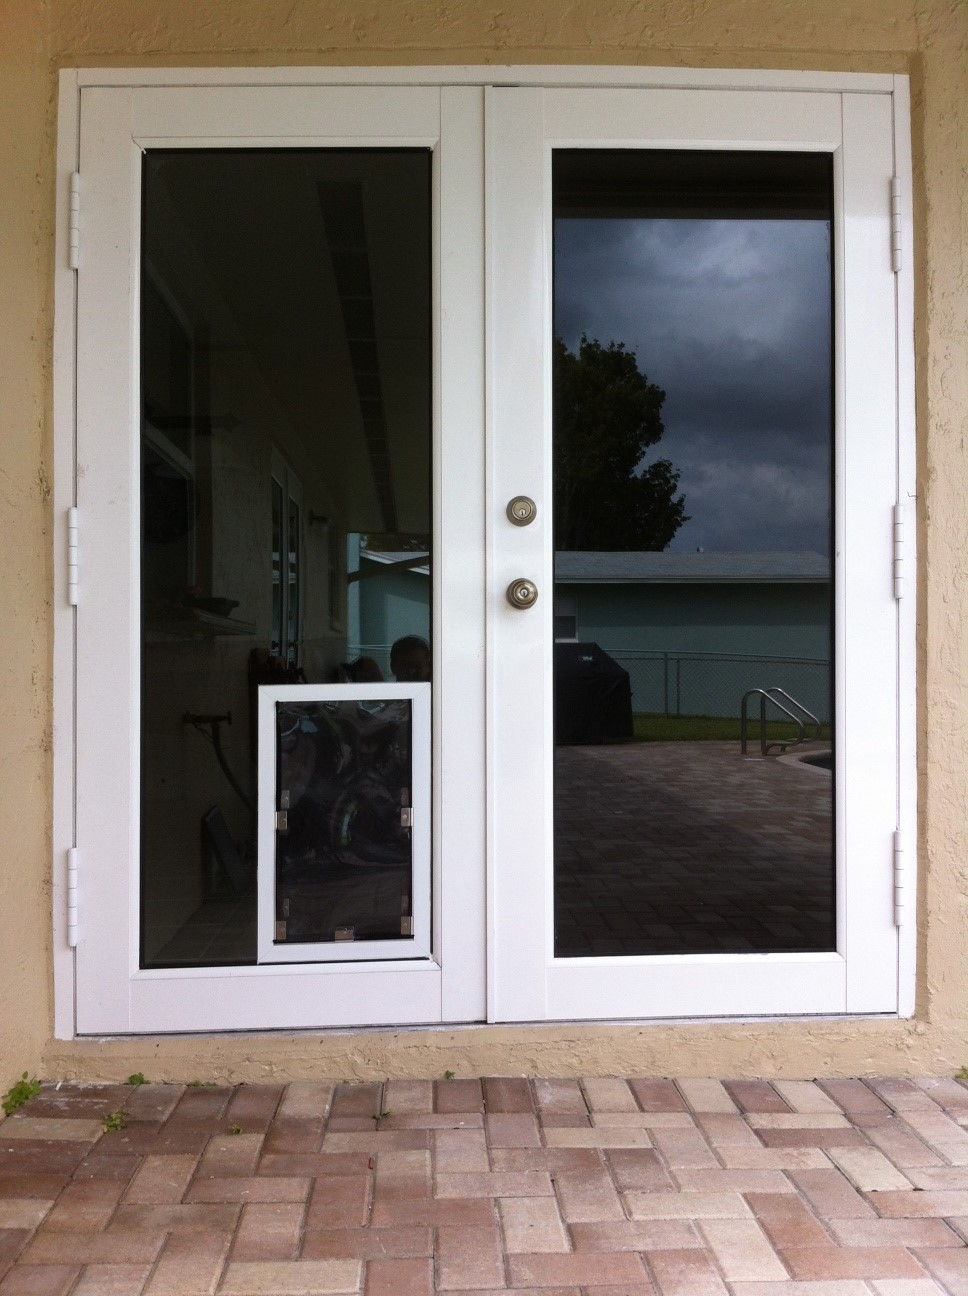 Best ideas about DIY Dog Door Sliding Glass Door . Save or Pin pet door in impact resistant glass wel e to atlantic pet Now.